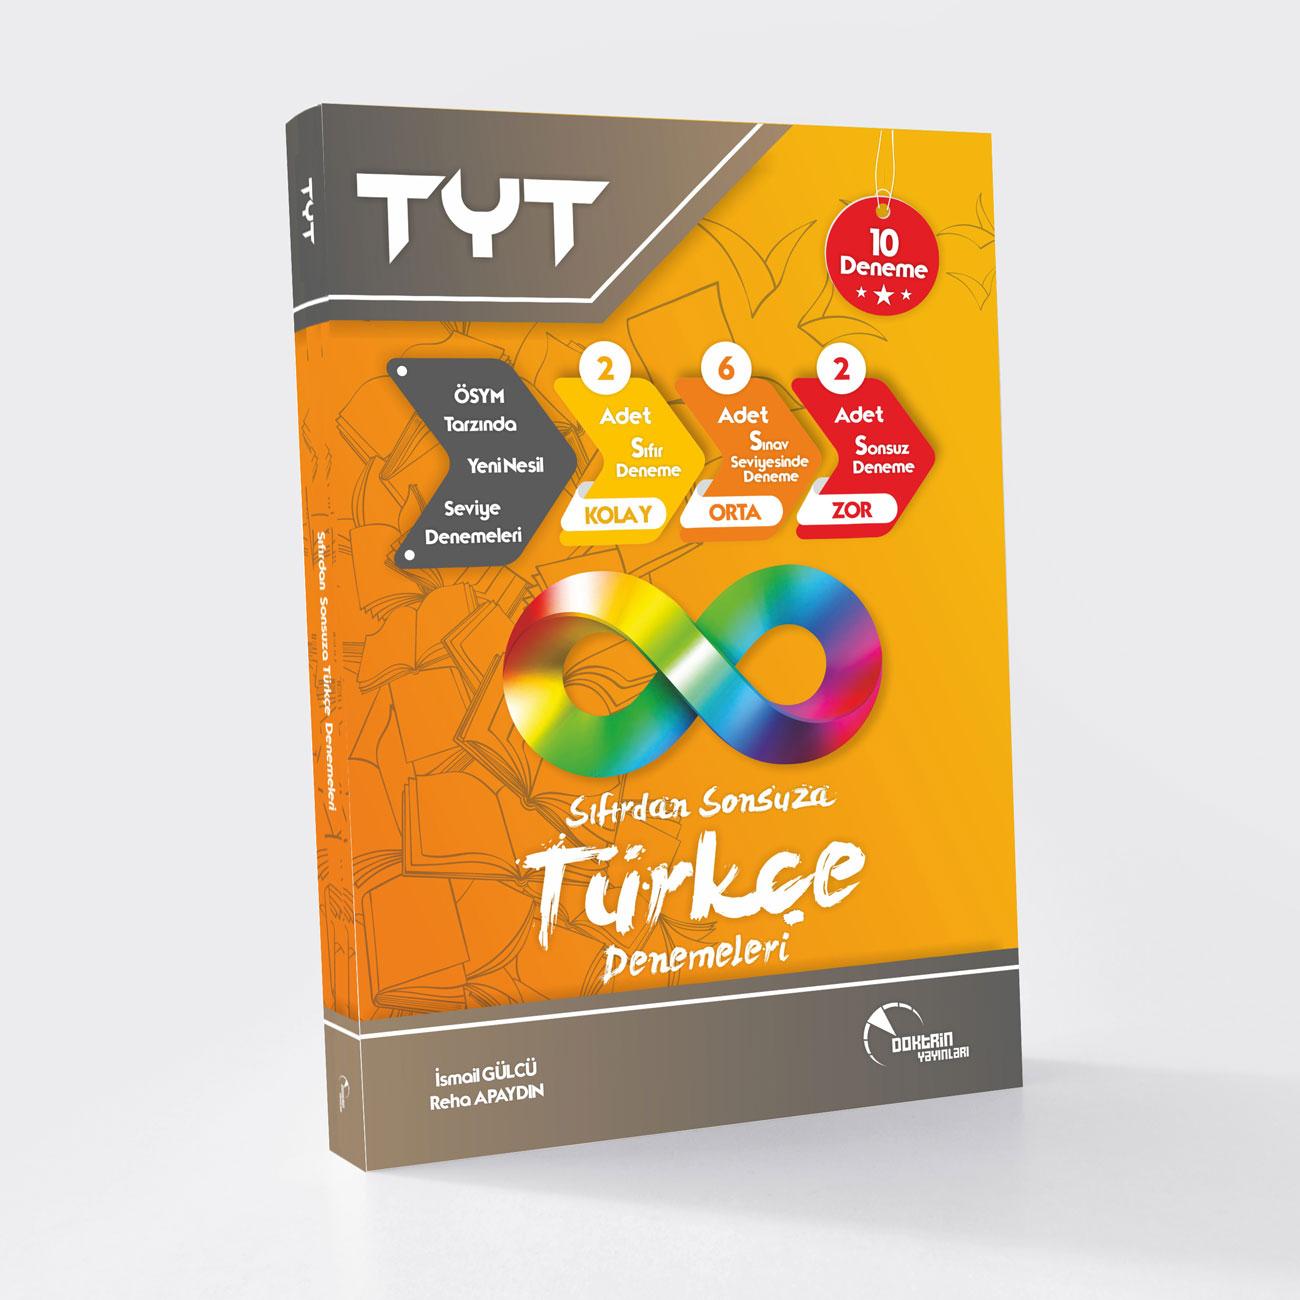 TYT Sıfırdan Sonsuza Türkçe 10 lu Deneme